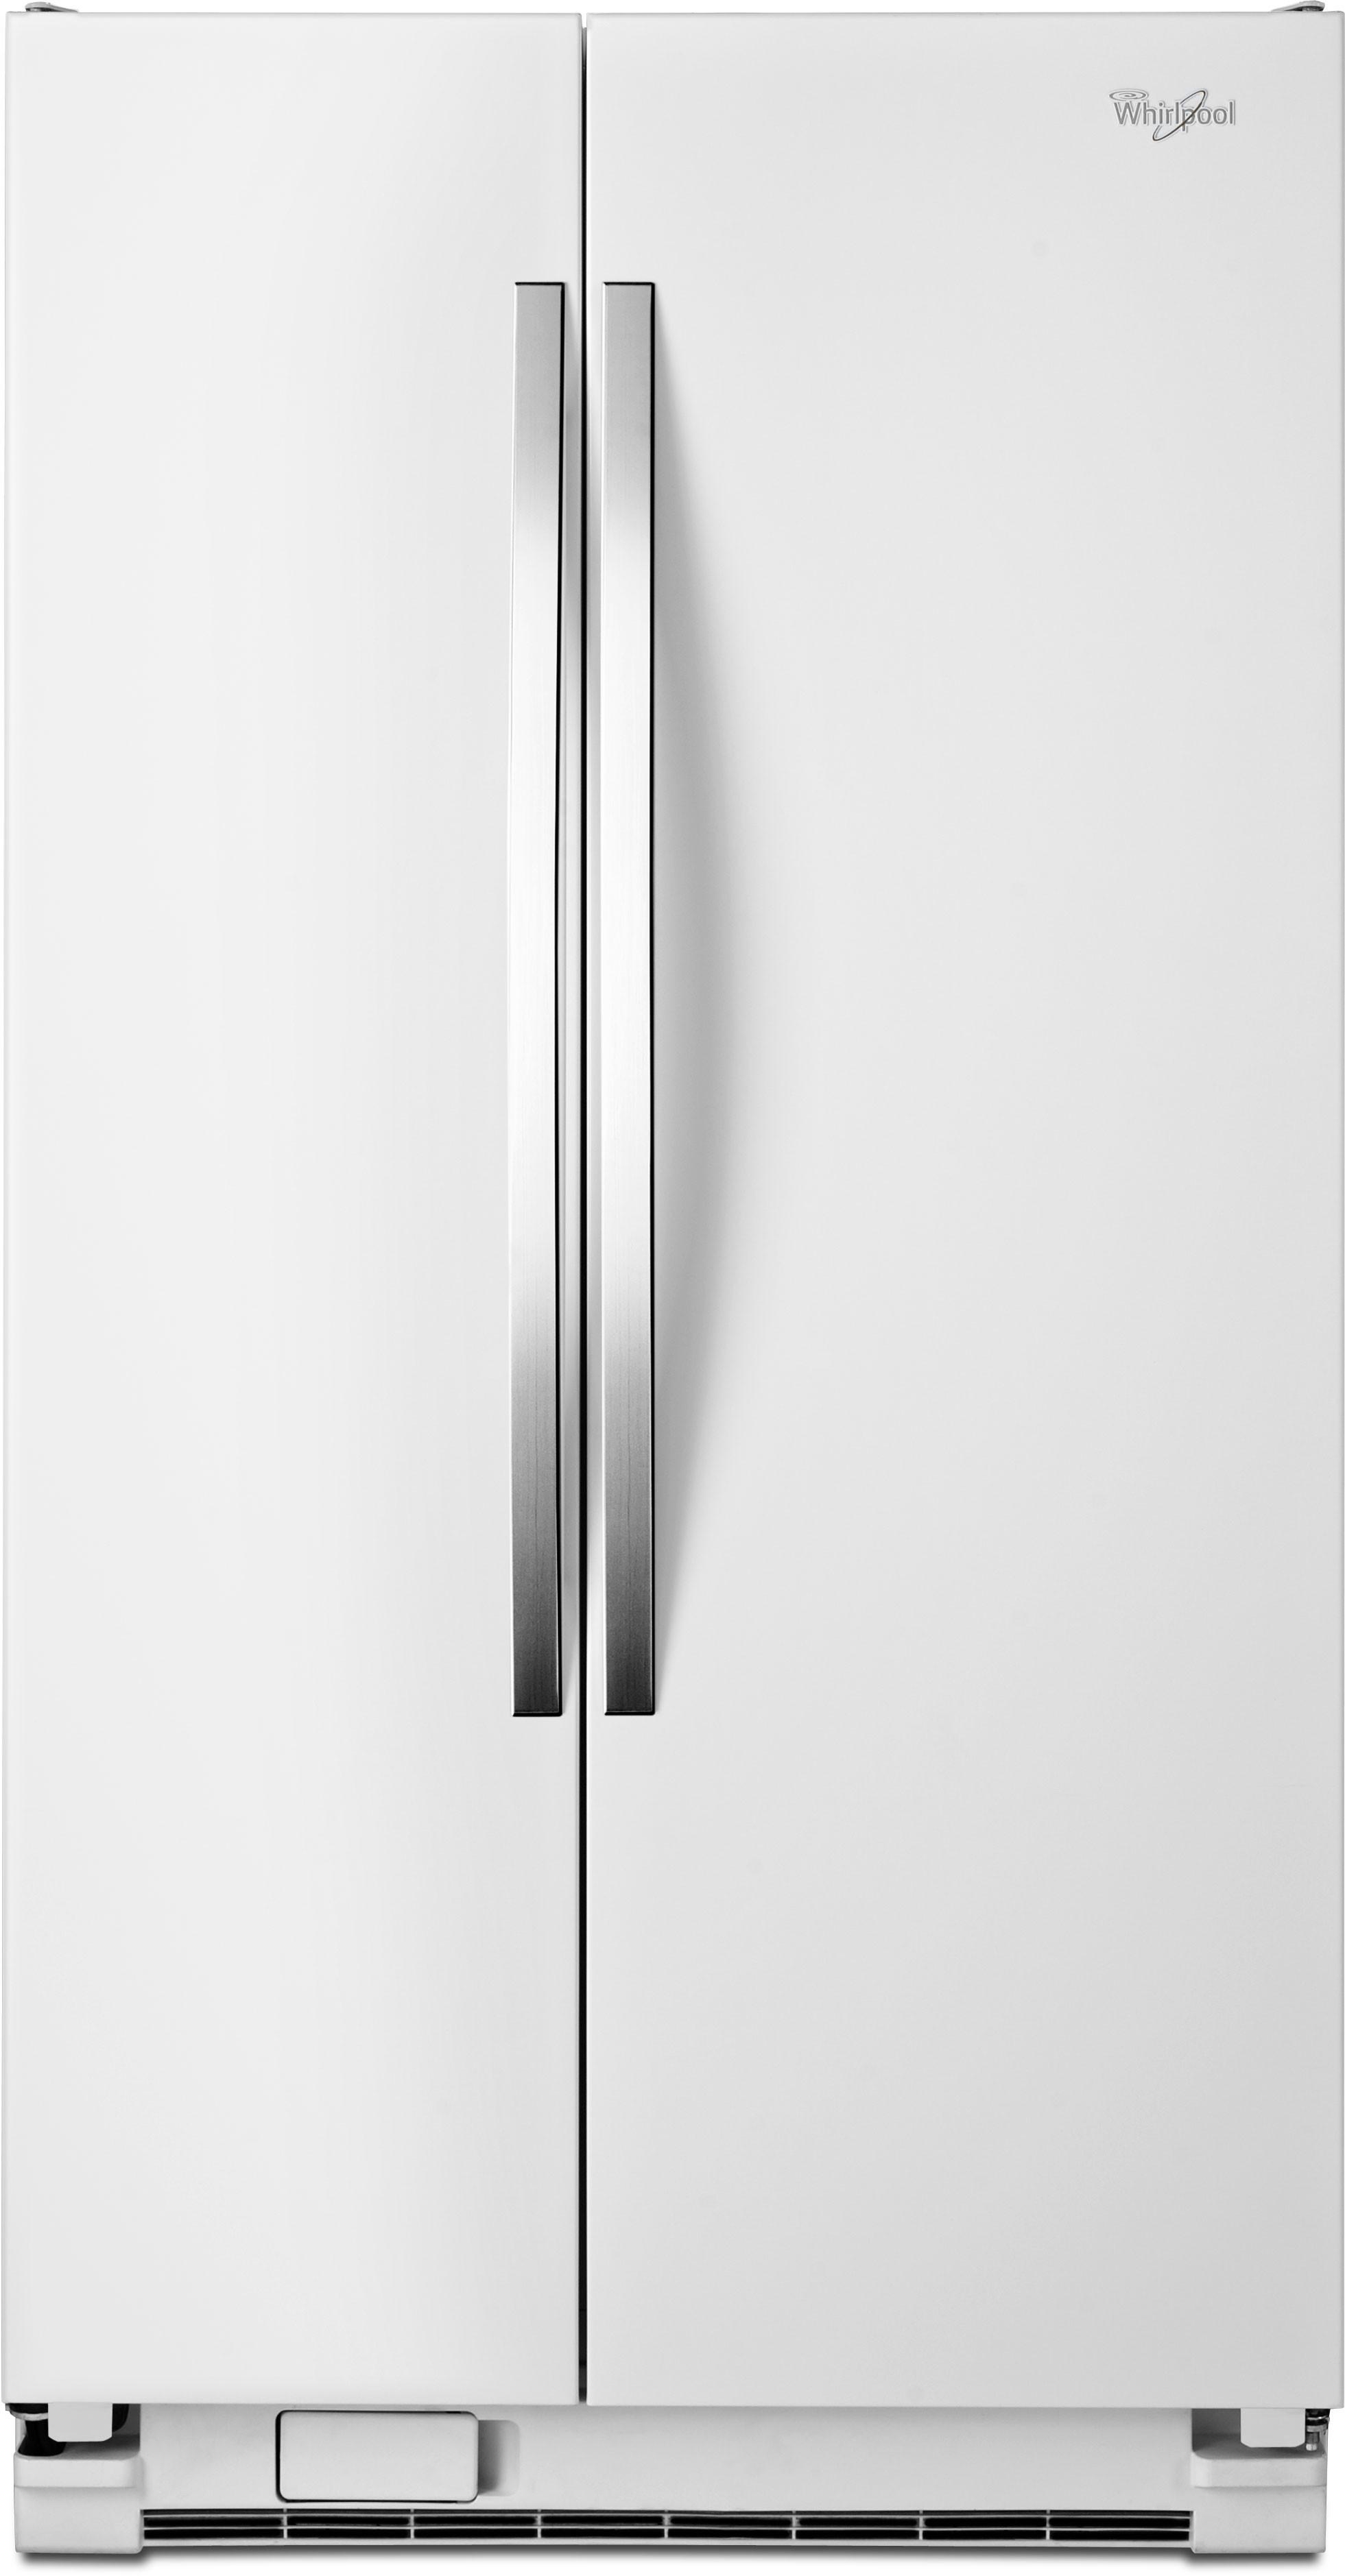 Frigidaire French Door Frigidaire Refrigerator 18 2 Cu